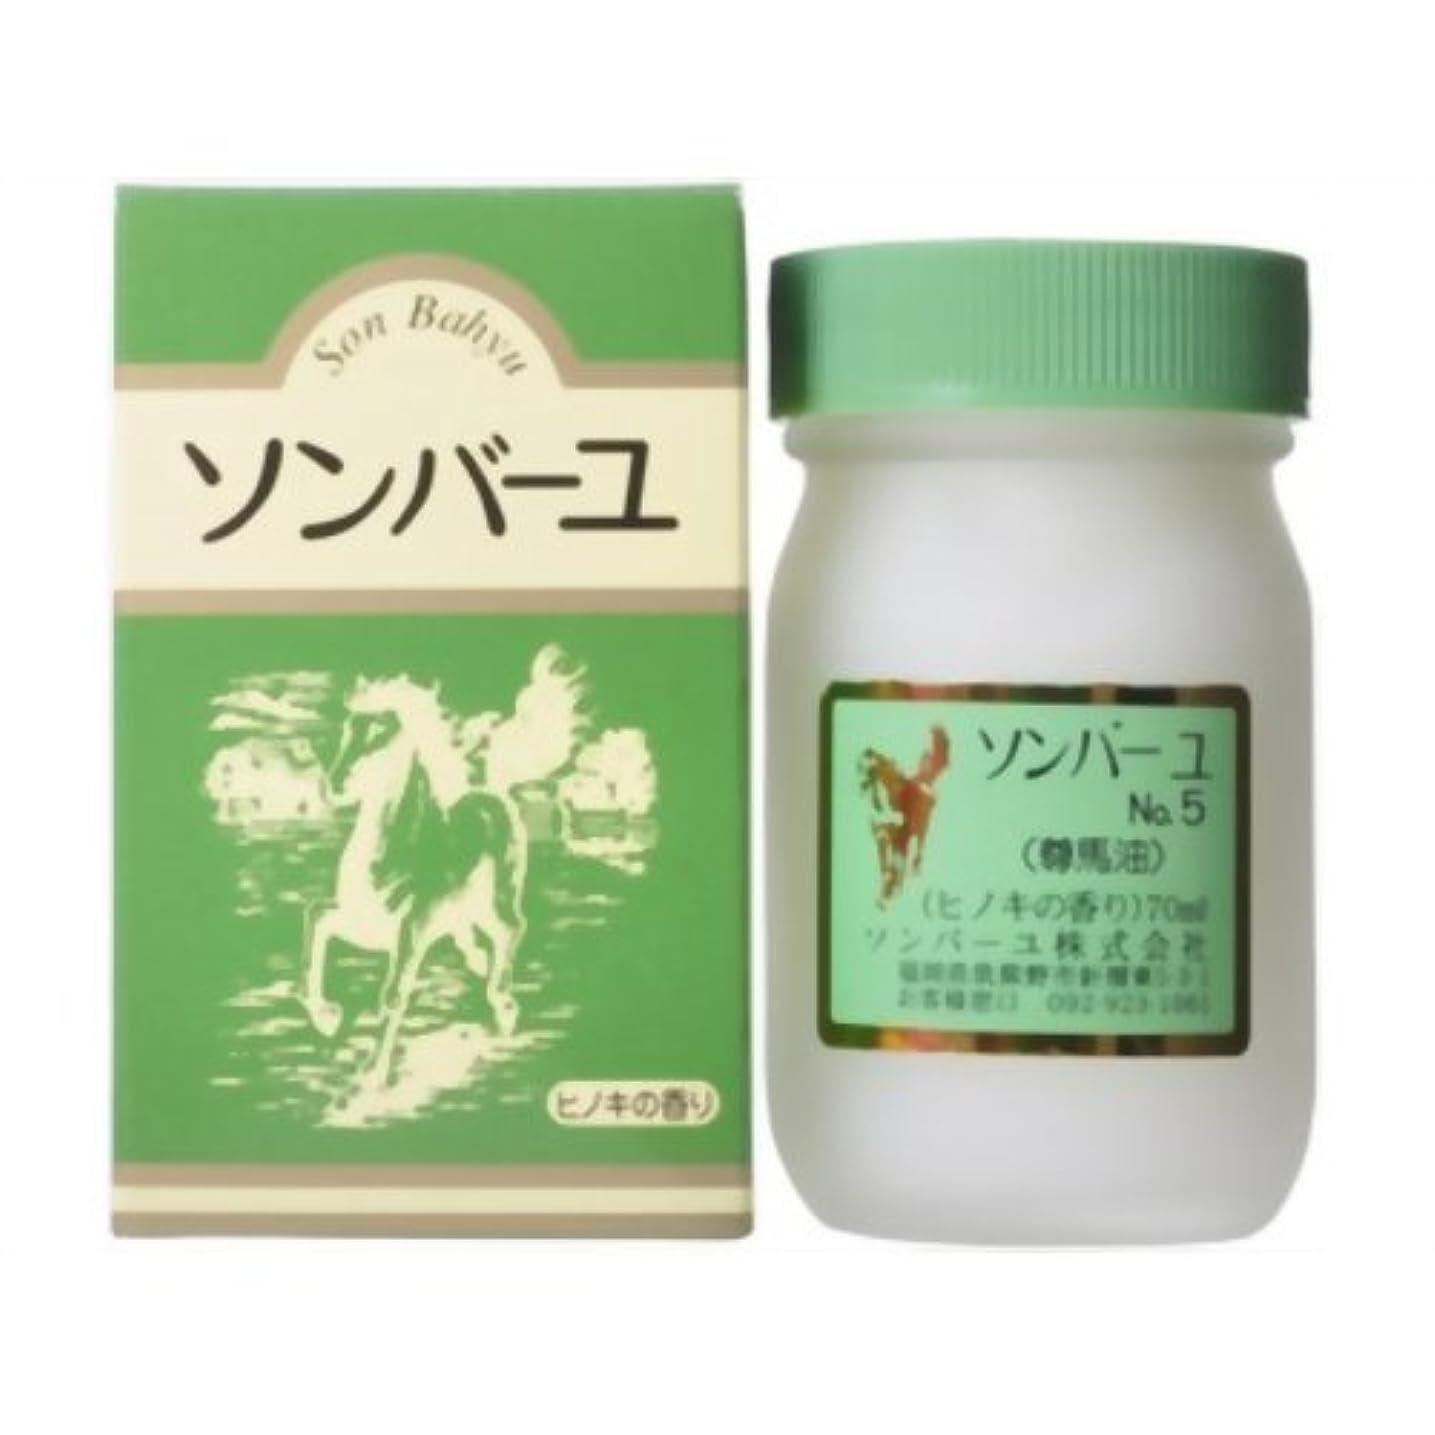 召集するリブ湿地ソンバーユ ヒノキの香り 70ml